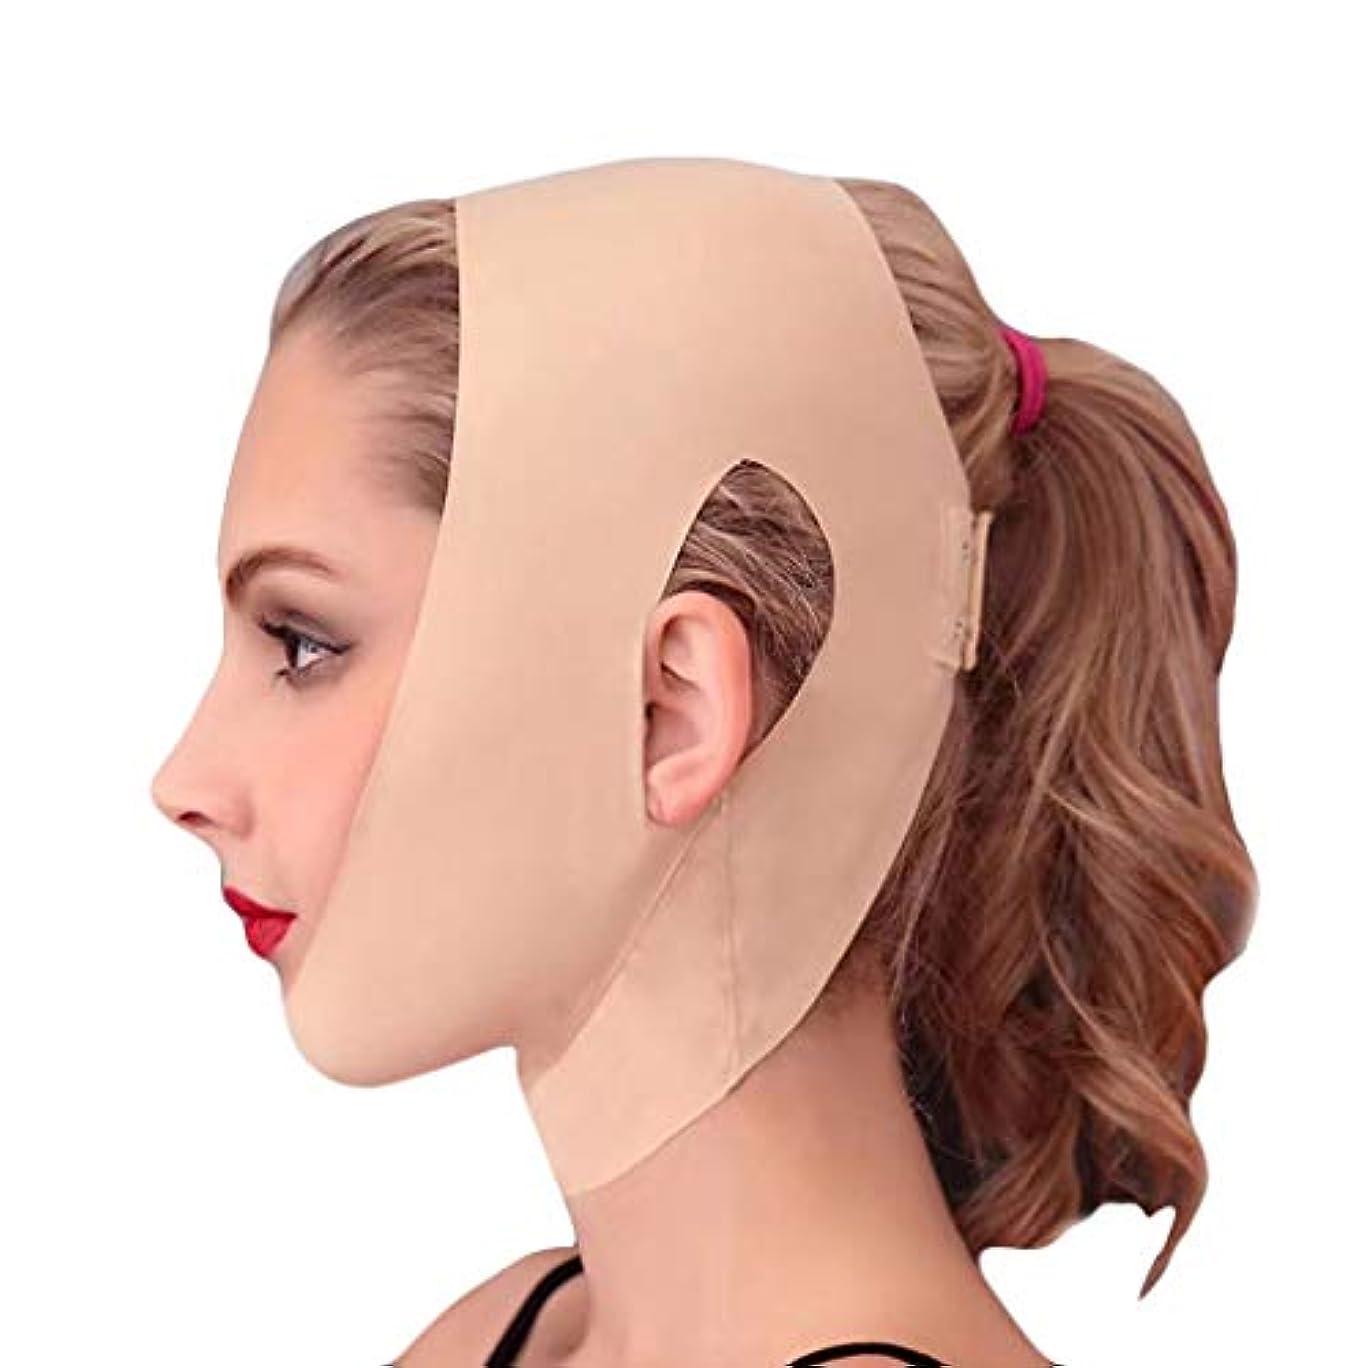 周り固執私たちのものしっかりした包帯を持ち上げる、顔を持ち上げる、フェイスリフトを引き締める、顔用減量ベルト のための顔用リフトツール